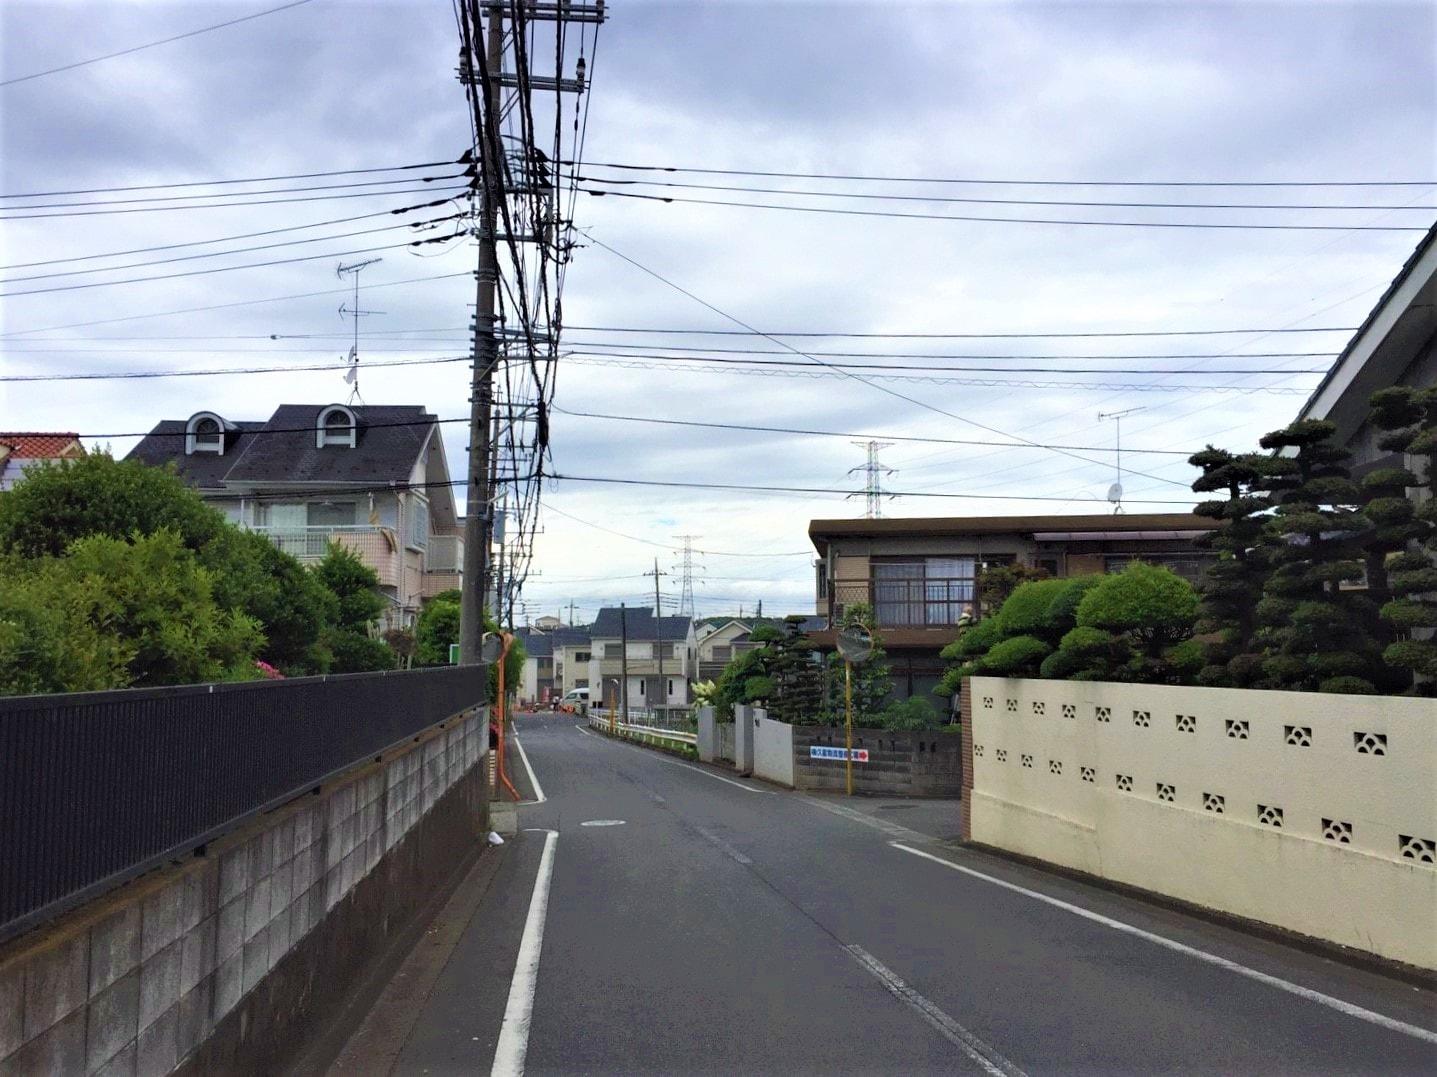 住宅街の広い道